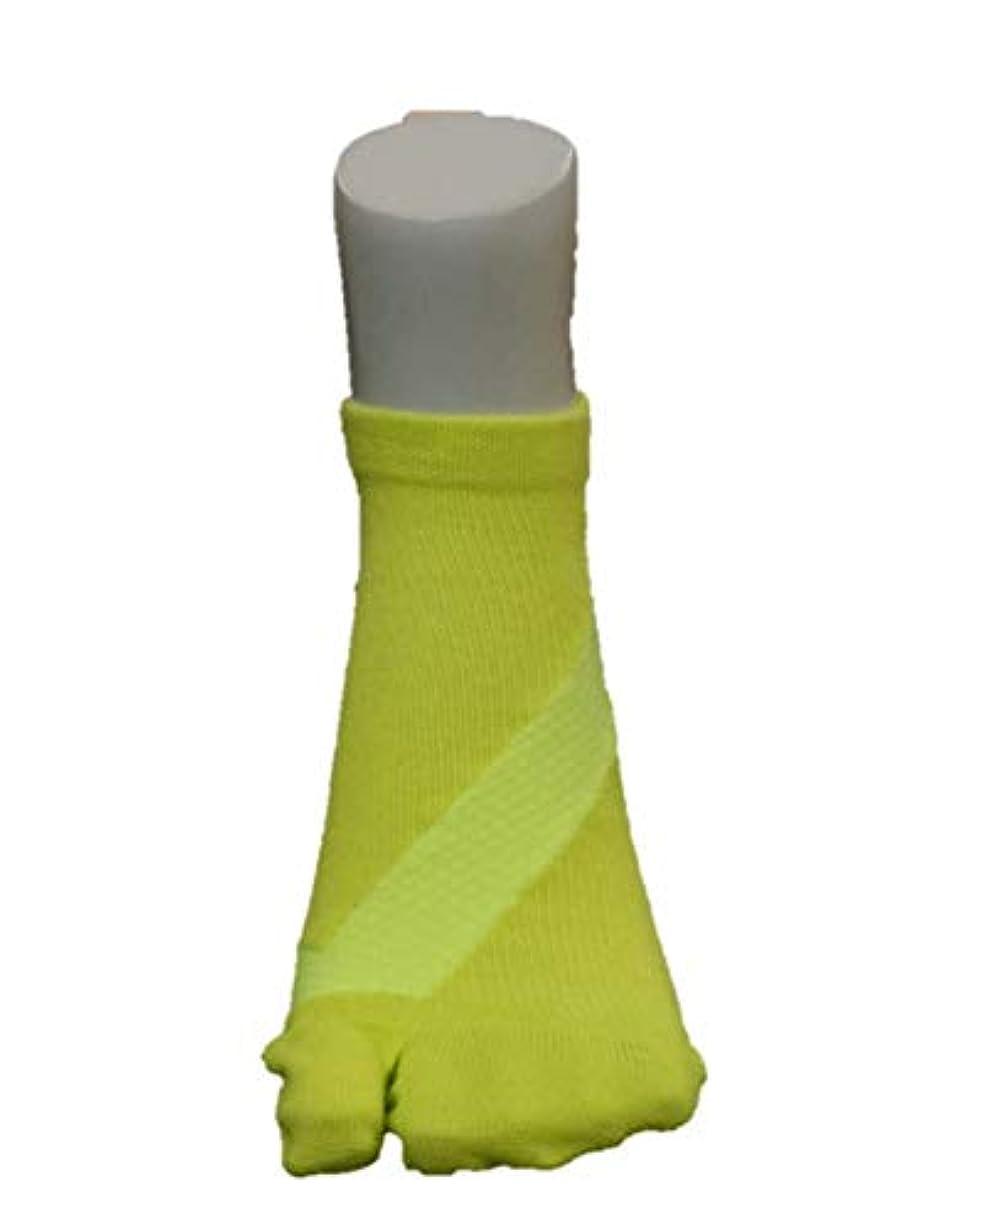 排気しつけオゾンさとう式 フレクサーソックス アンクル 黄色 (M 24-26)